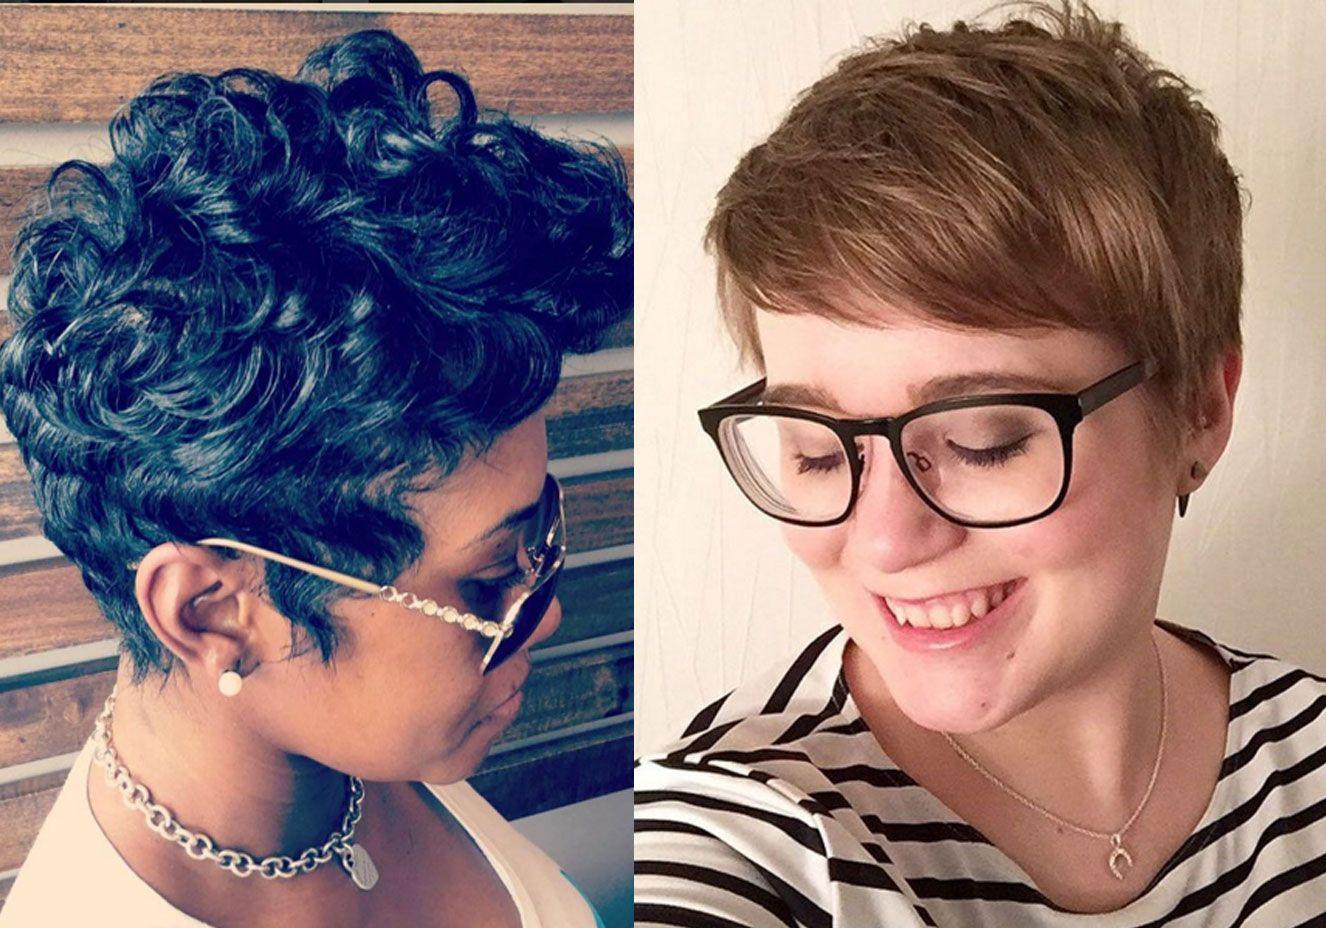 23 provas de que o cabelo curto ficaria muito bem em você